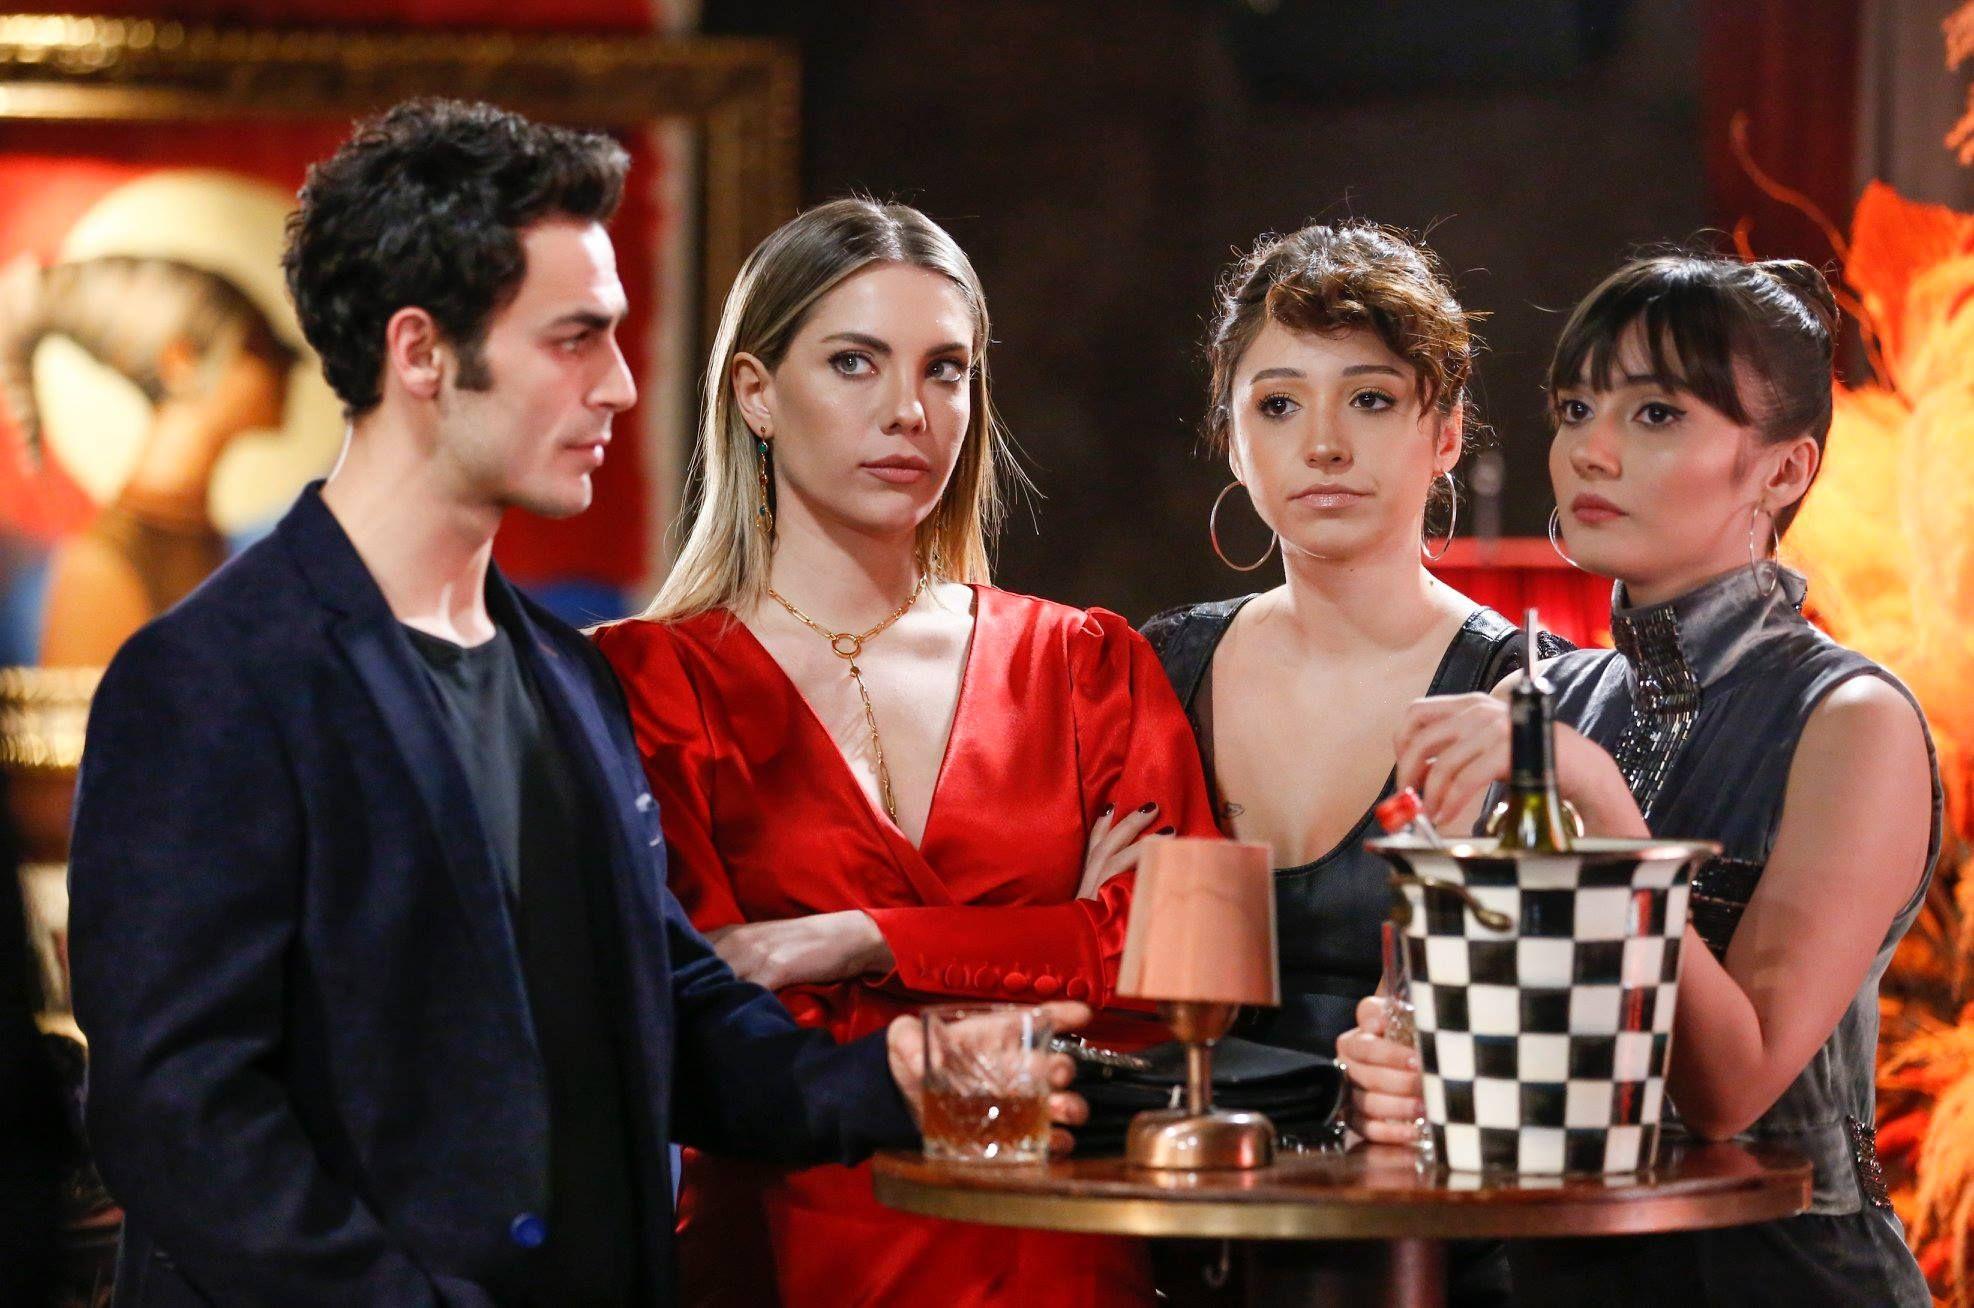 Sevda Erginci, Eda Ece, Zeynep Bastik, and Erdem Kaynarca in Yasak Elma (2018)